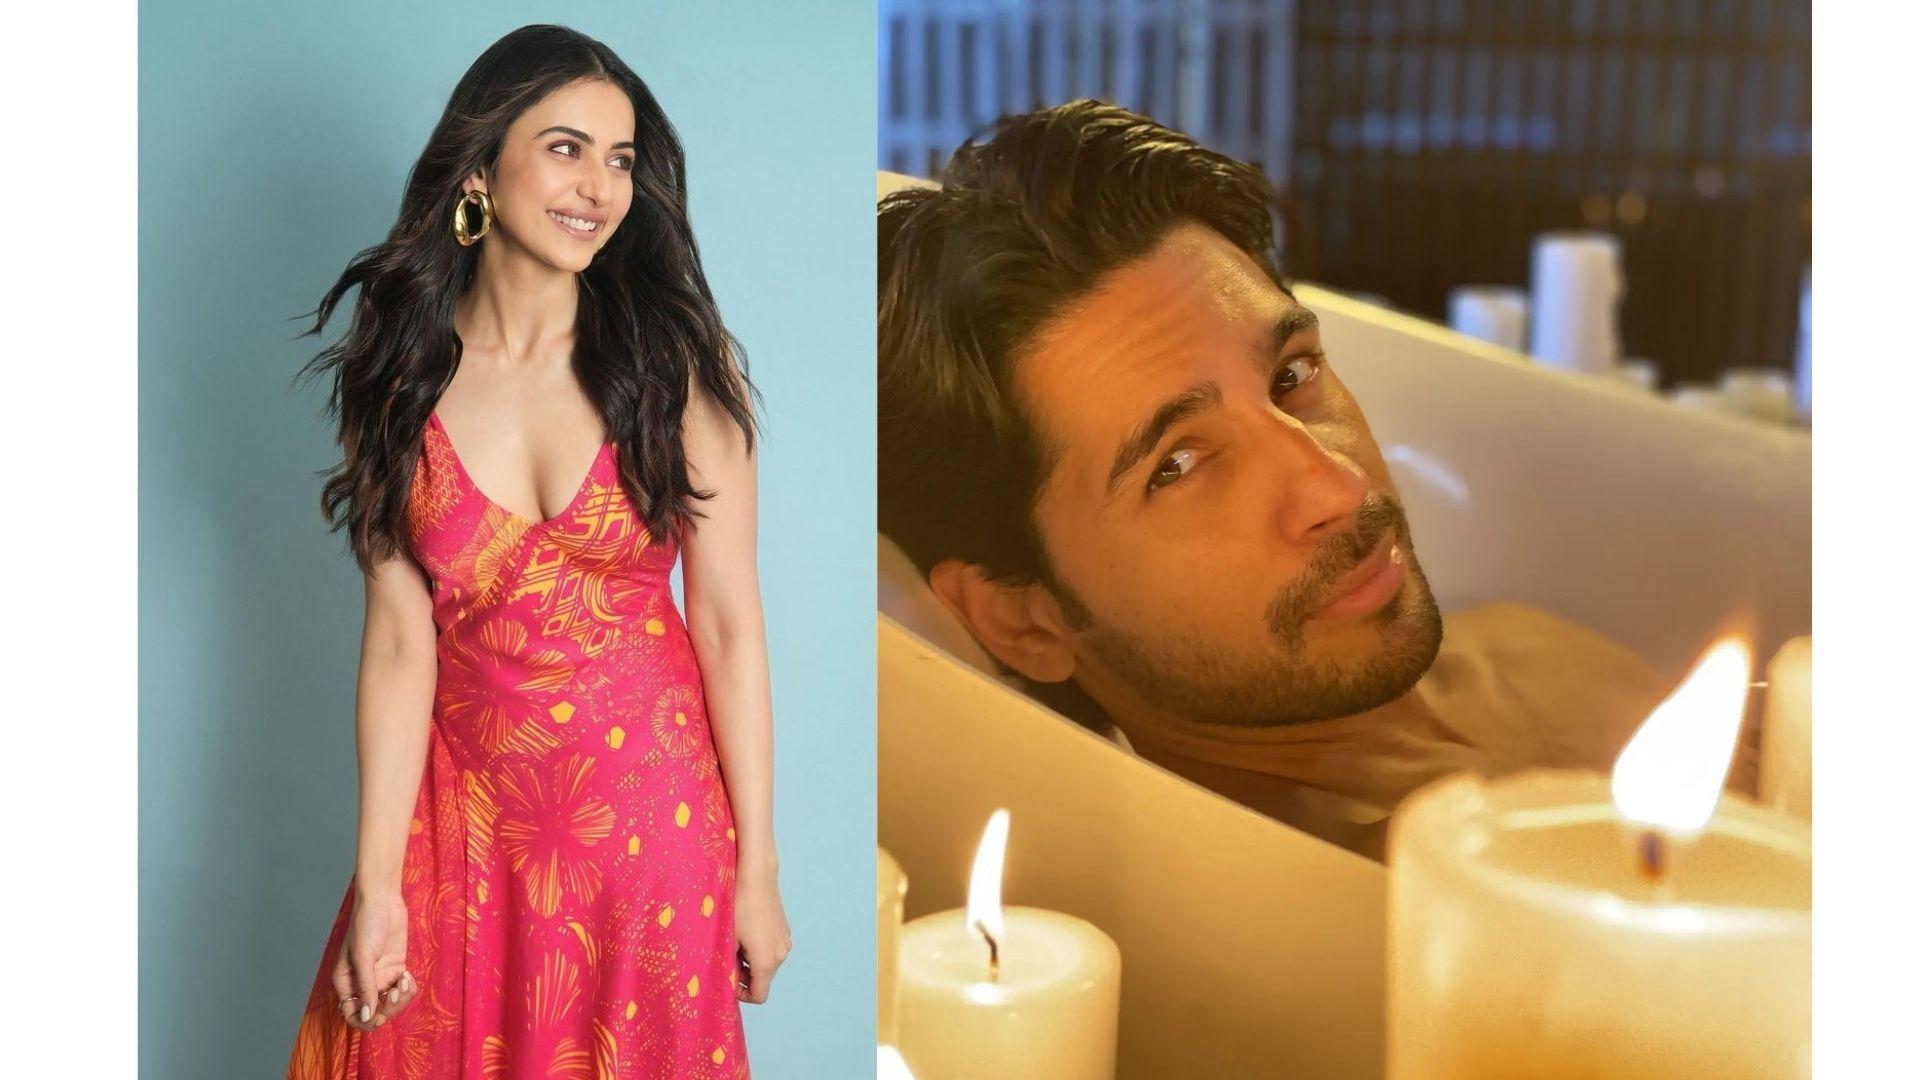 Rakul Preet Singh REACTS To Sidharth Malhotra's Bathtub Shoot Pics With Candles